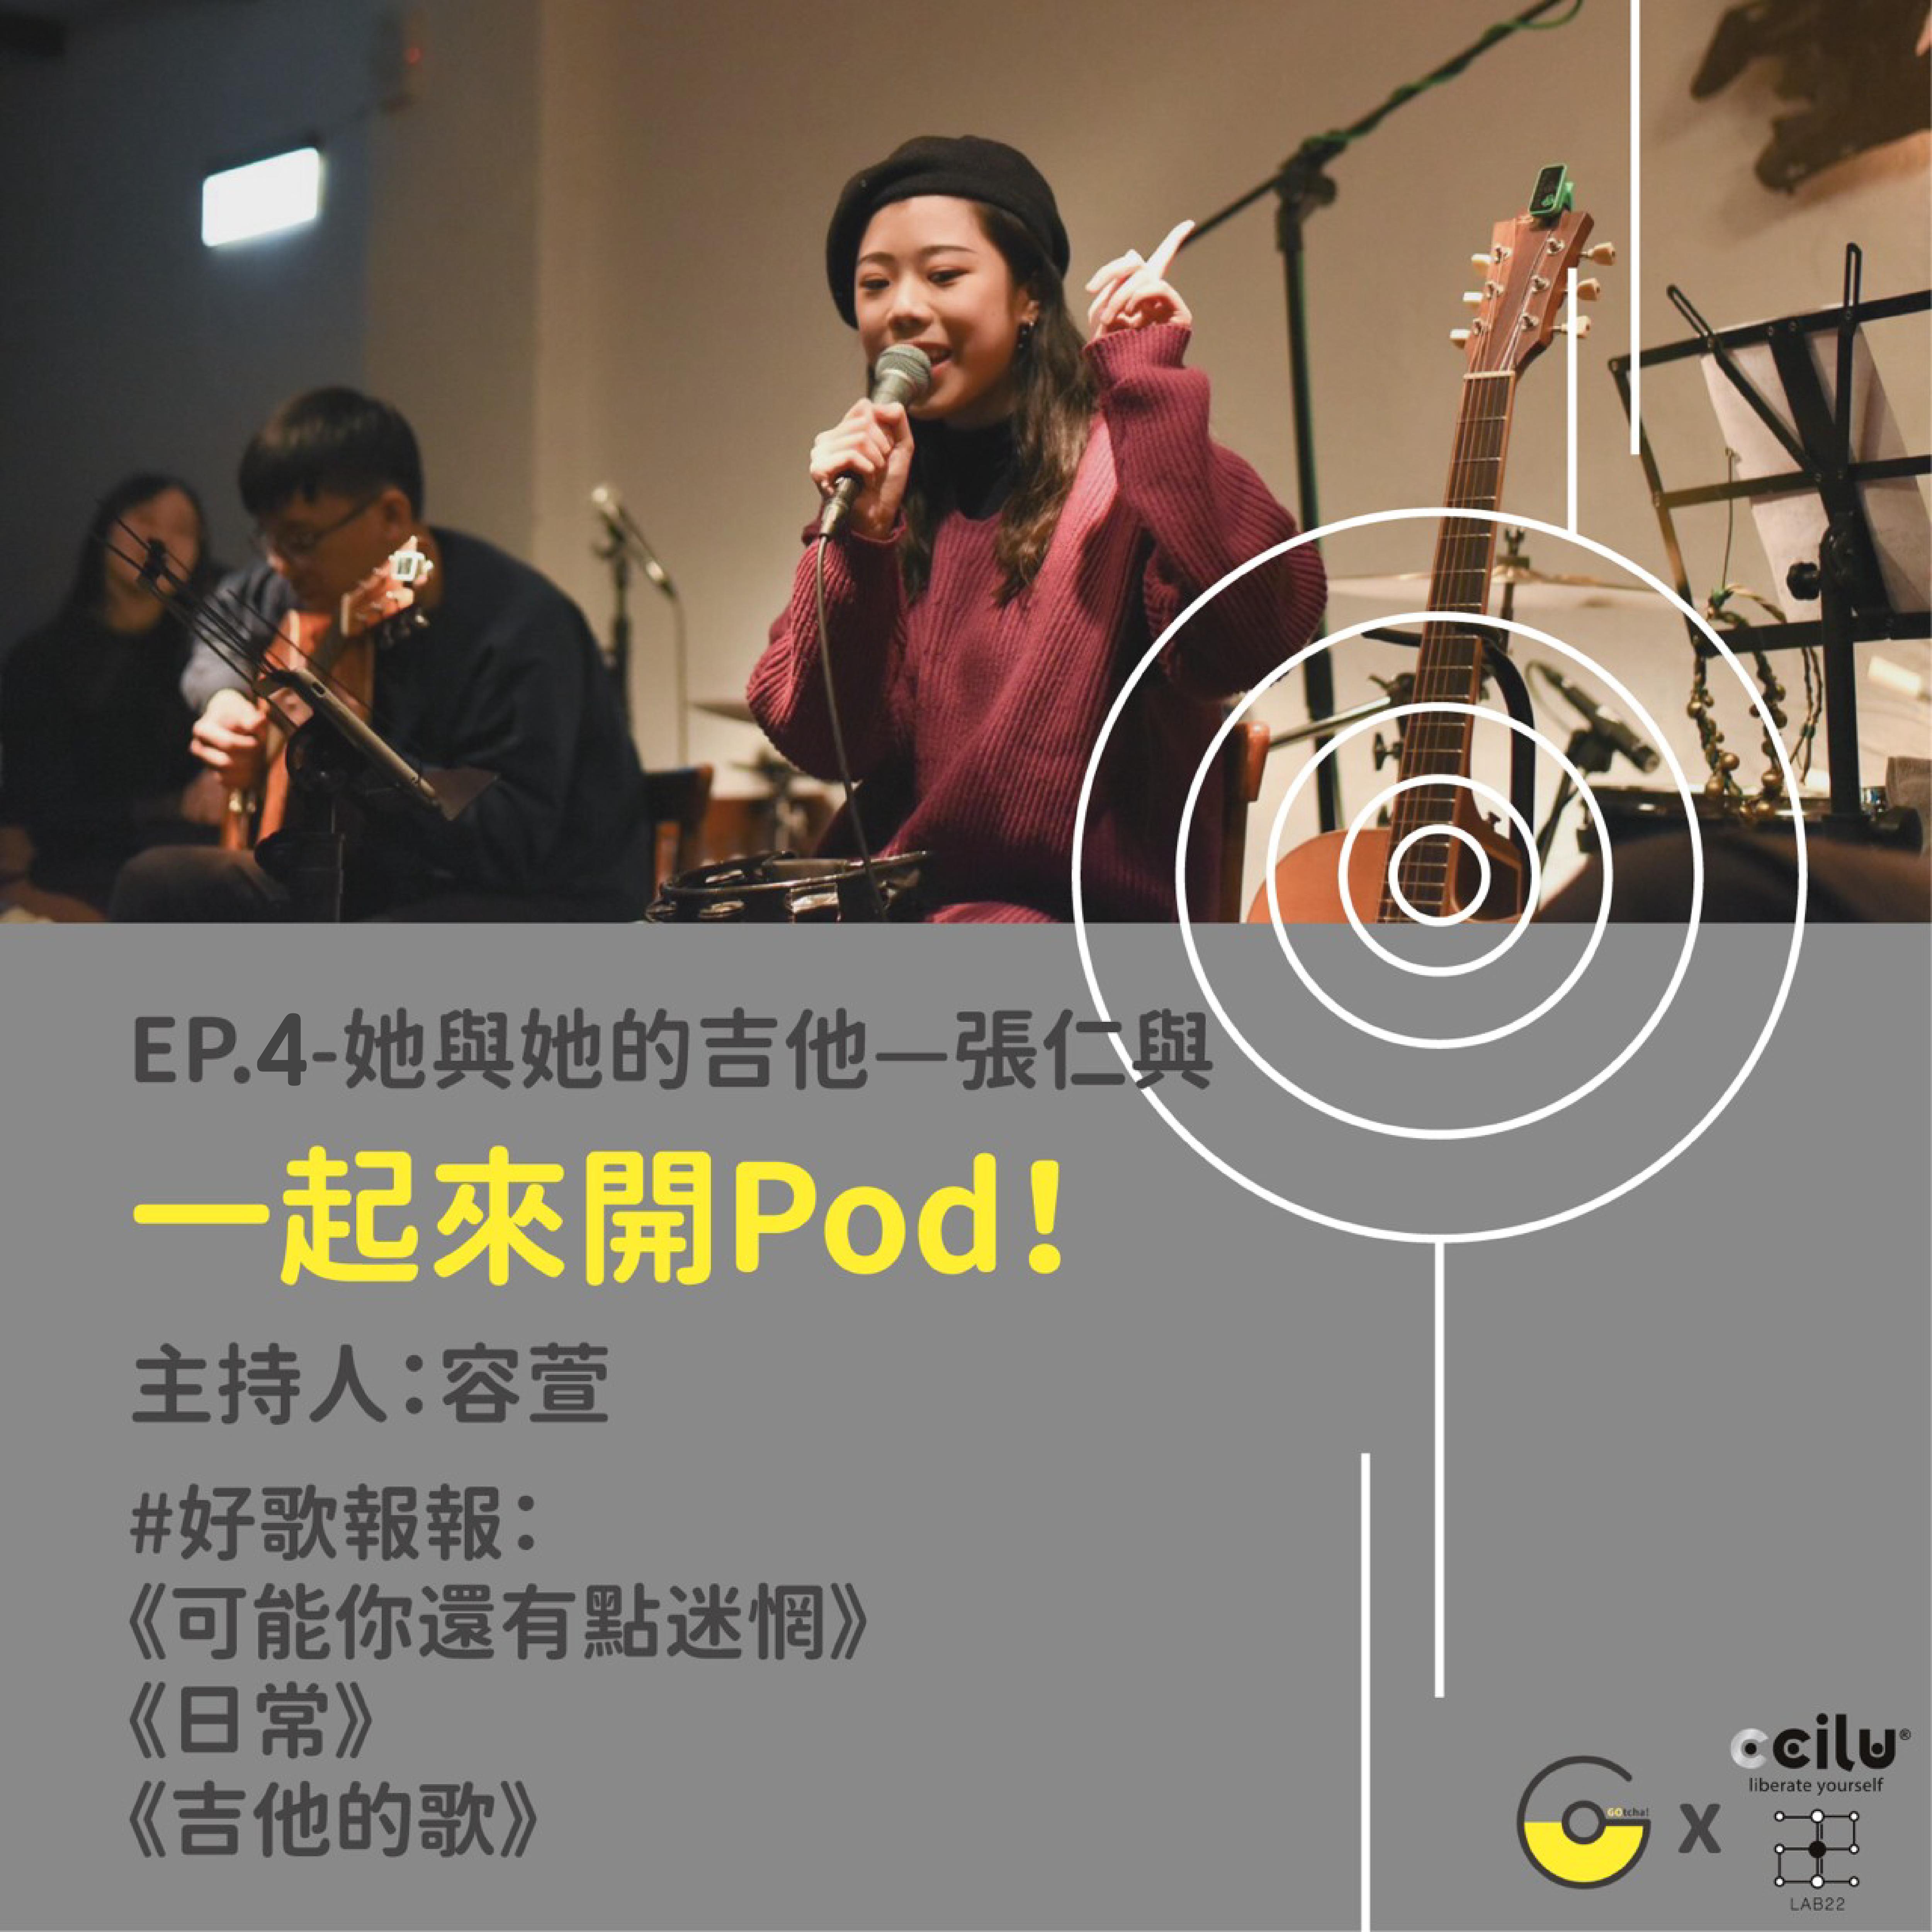 EP4-2. 快樂與悲傷皆是日常 吉他是默默陪伴的力量